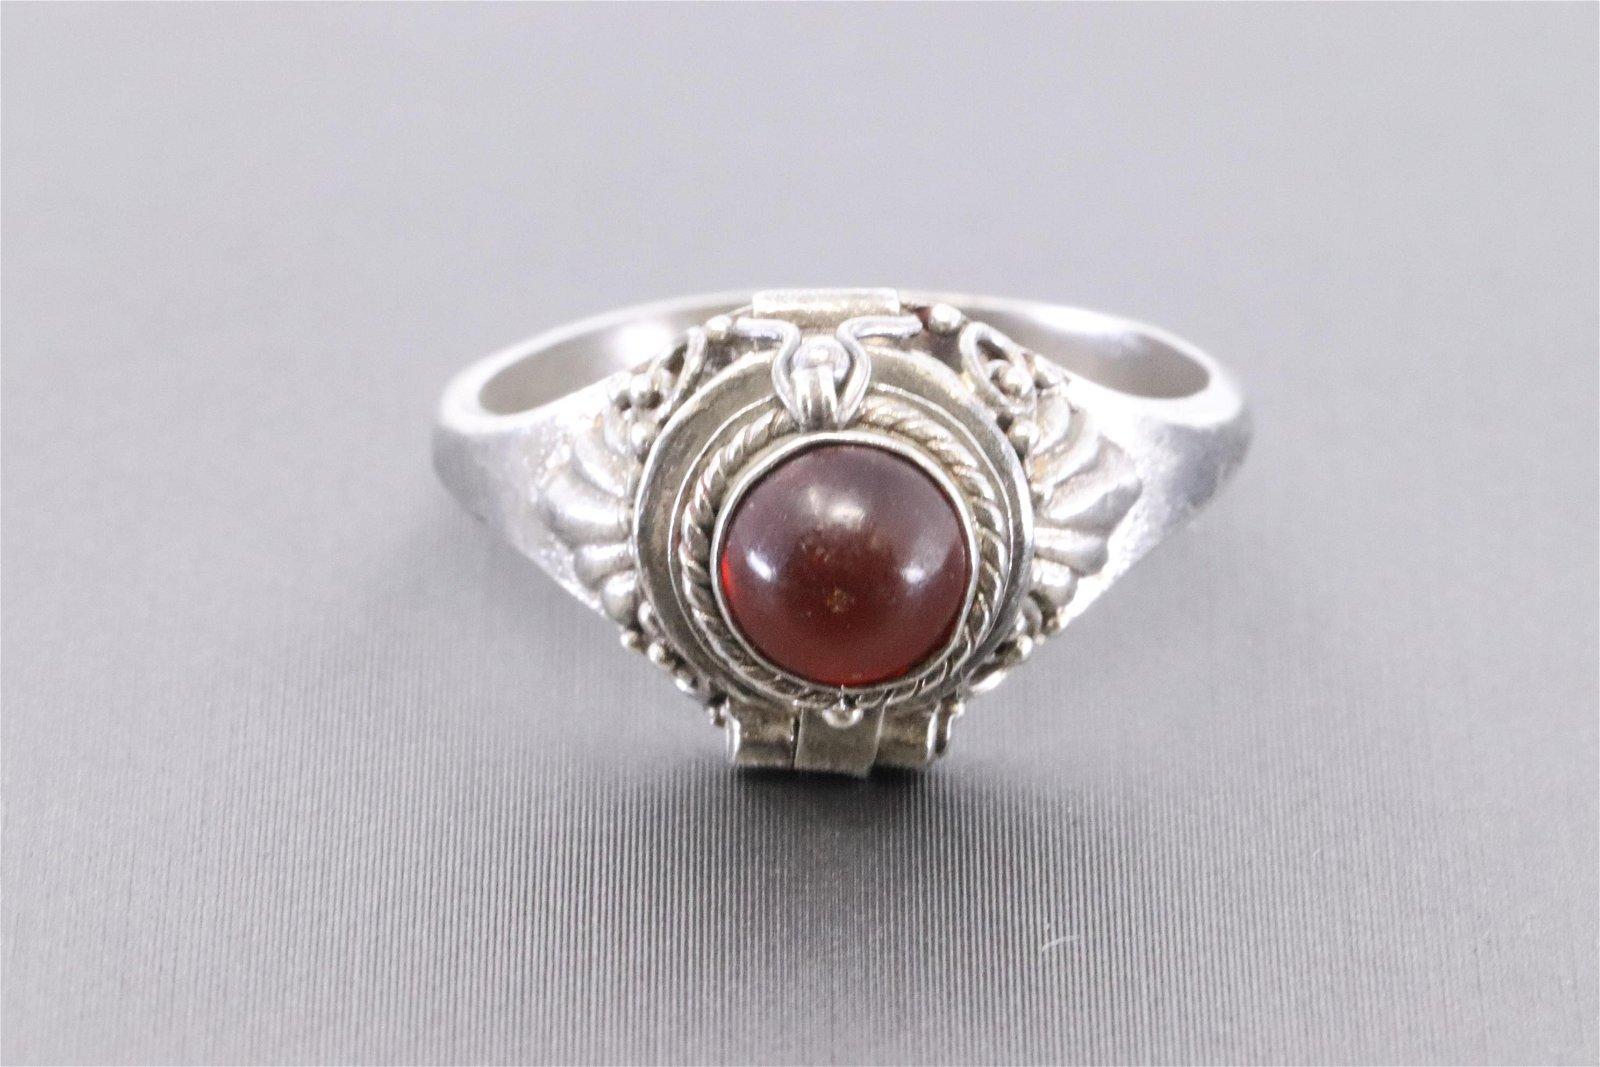 925 Silver Art Deco Design Ring.